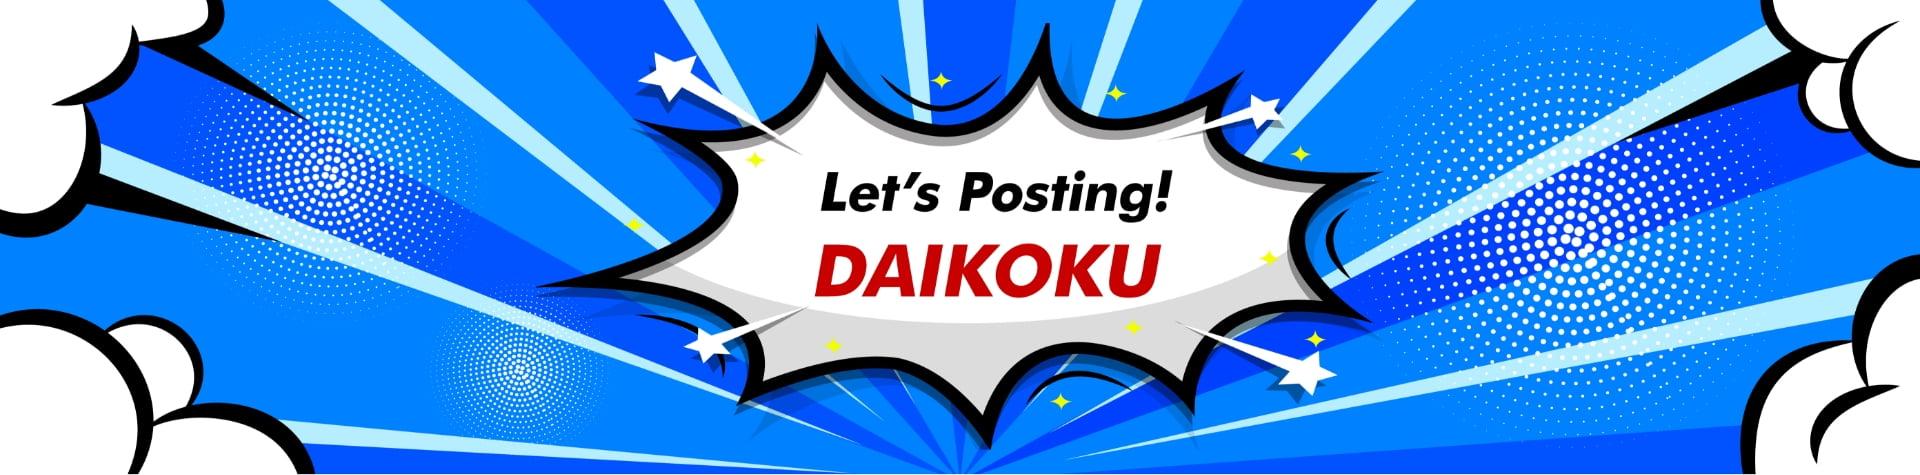 Let's Posting! -daikoku-